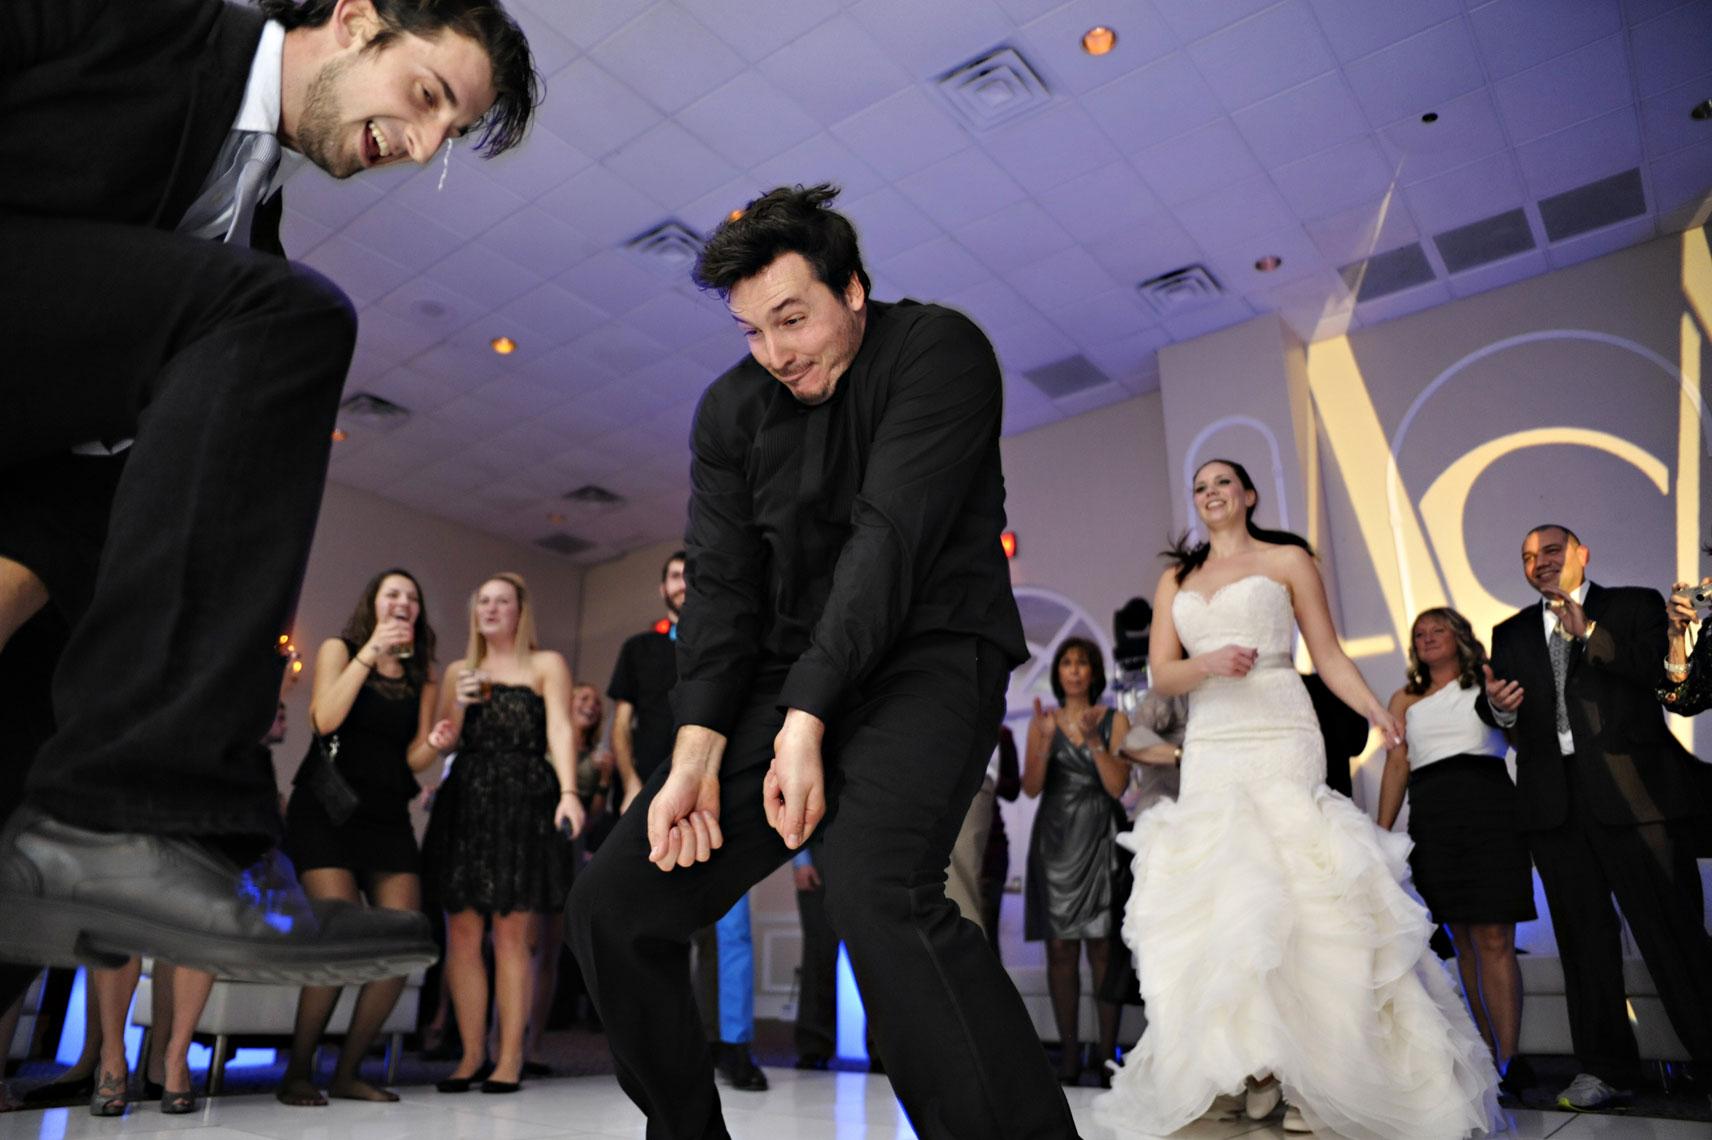 berkeleyoceanfrontwedding-055